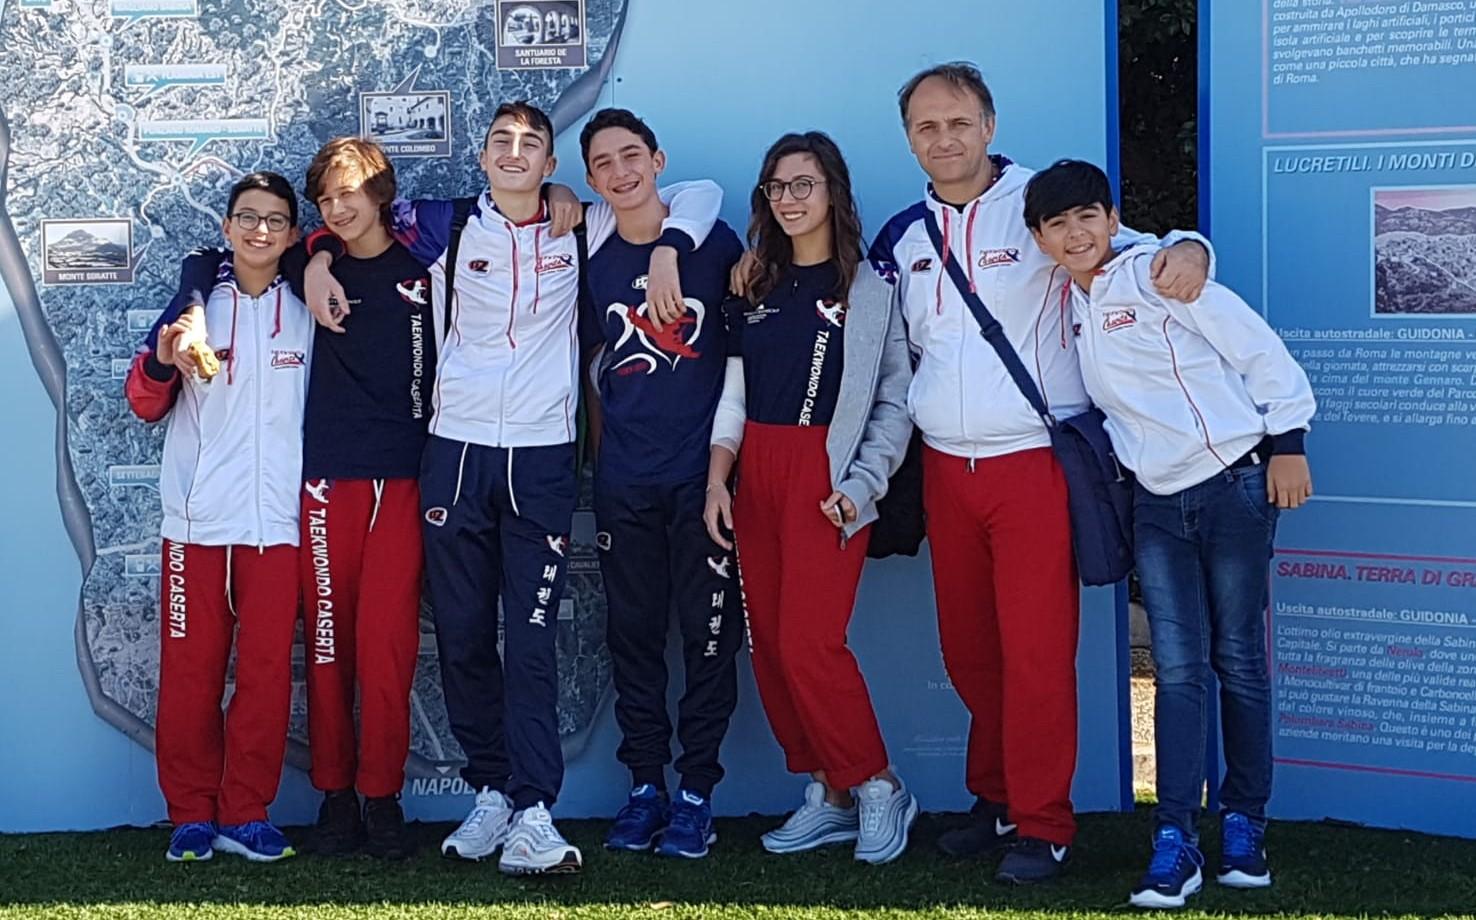 Risultati foto e video dei Campionati italiani cinture rosse